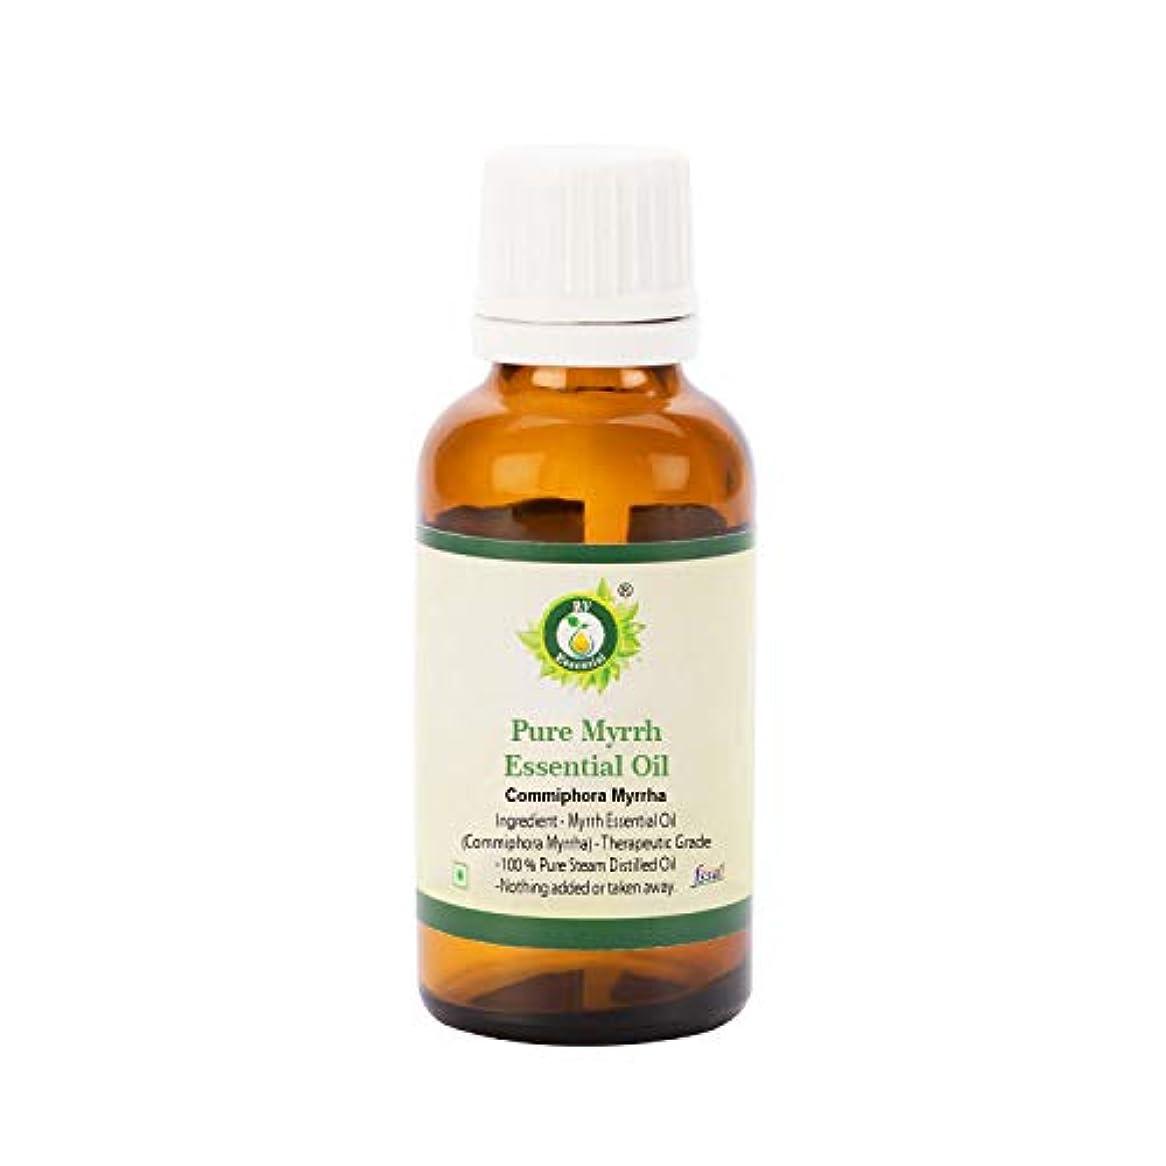 チェリーアイザック負担R V Essential ピュアミルラエッセンシャルオイル30ml (1.01oz)- Commiphora Myrrha (100%純粋&天然スチームDistilled) Pure Myrrh Essential Oil